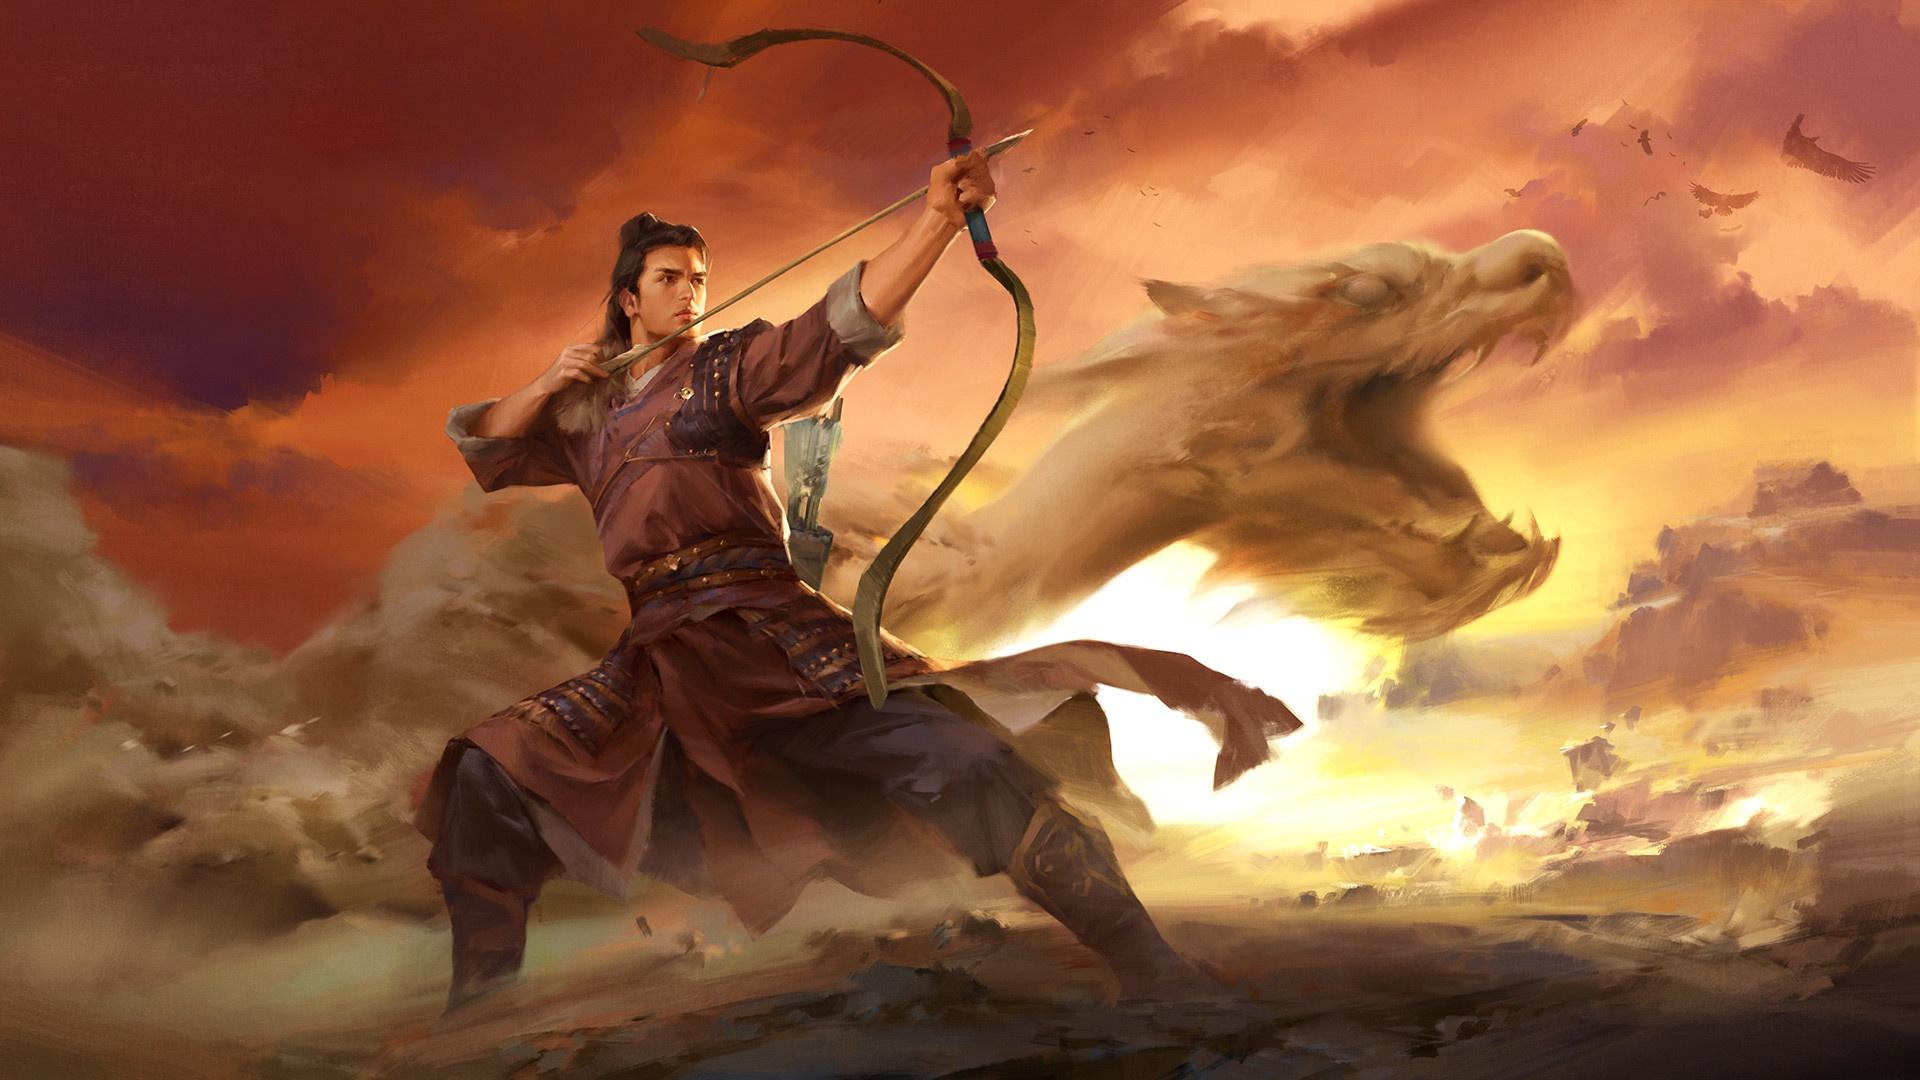 Oriental Warrior Bow Dragon Dust Man 1920x1080